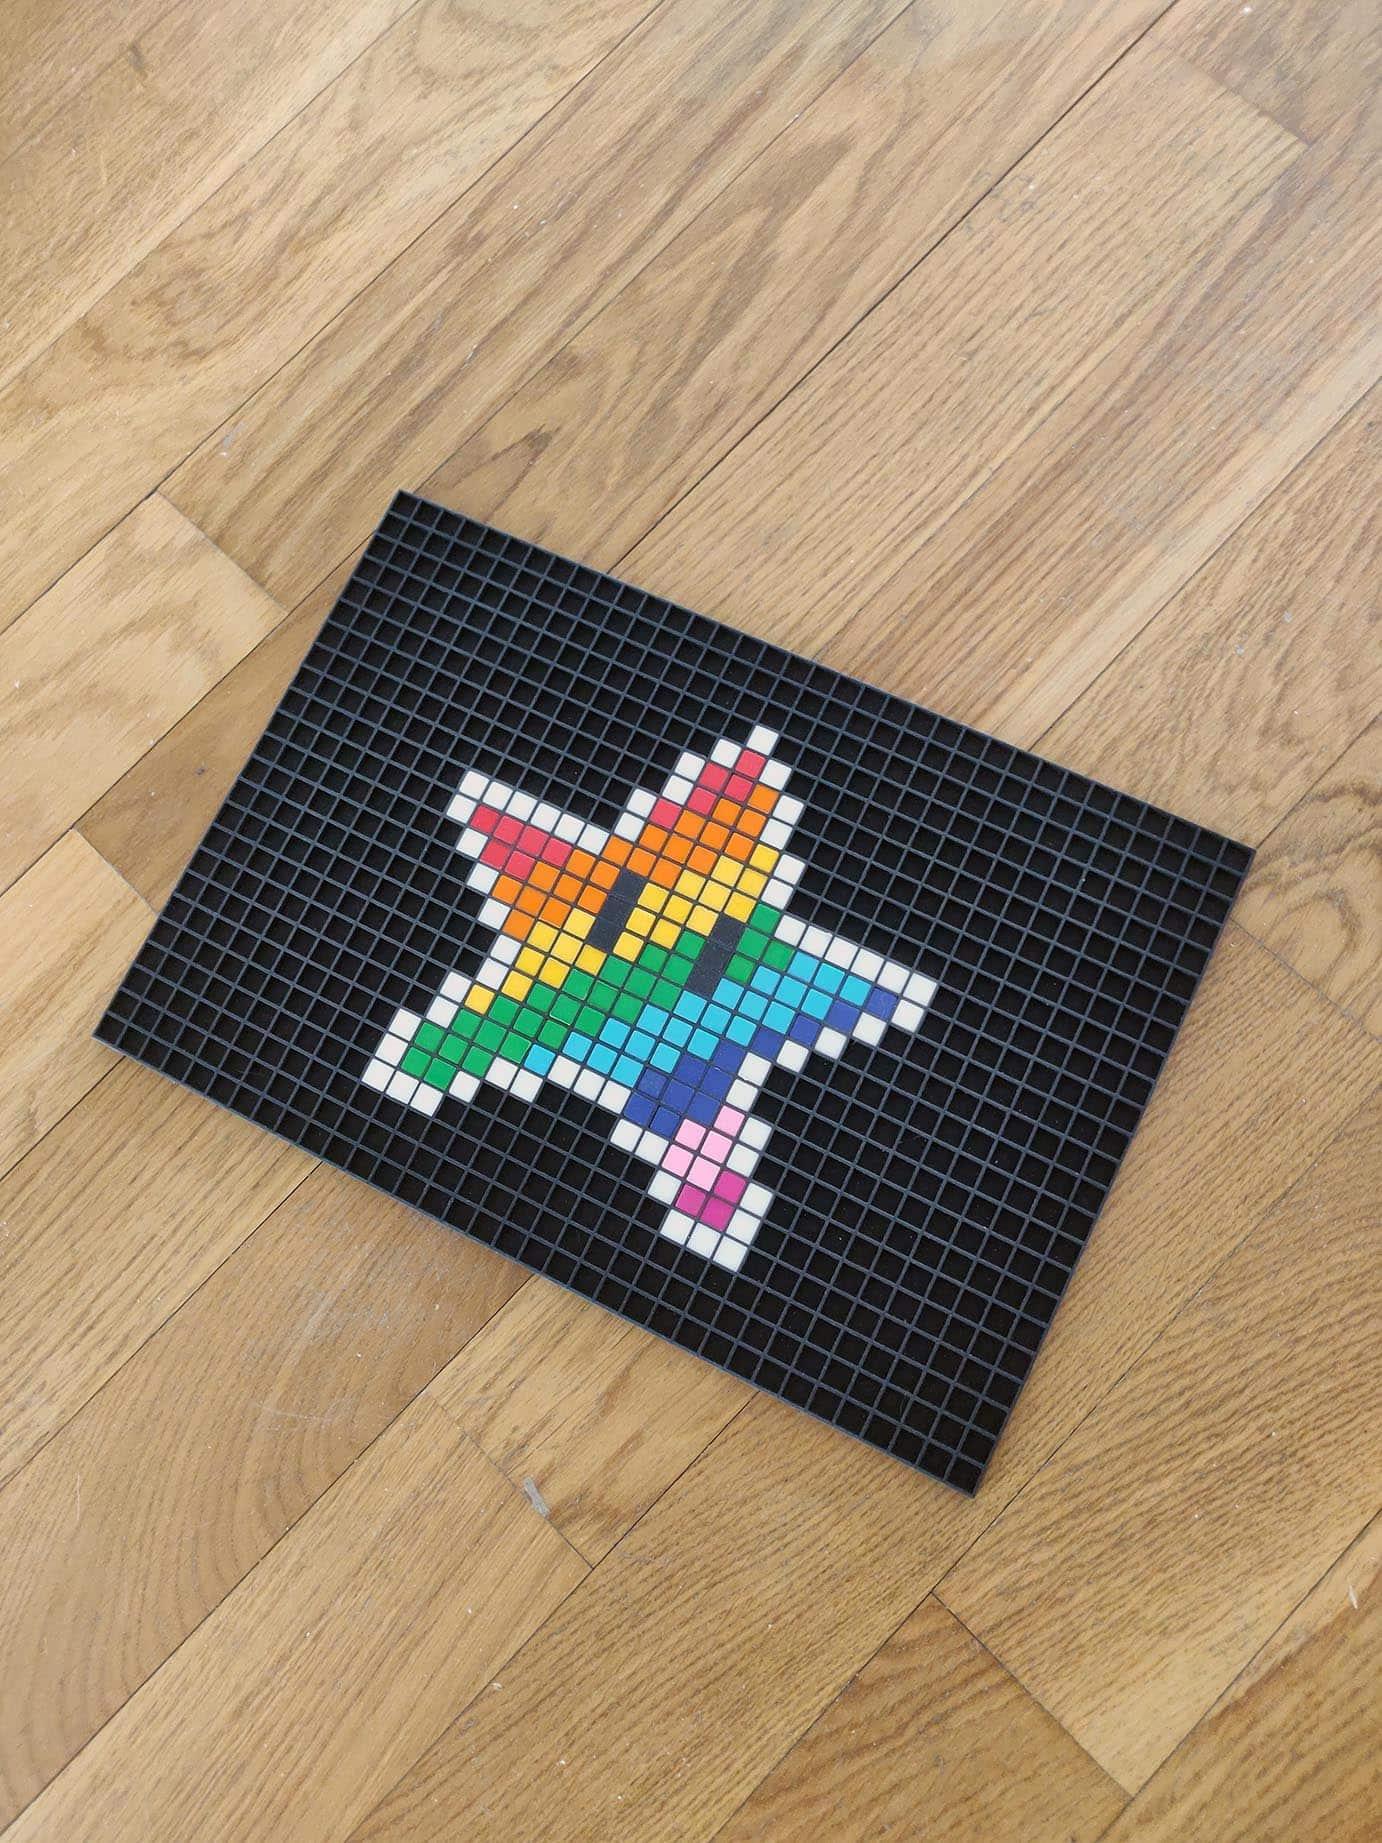 étoile Arc En Ciel Pixel Art La Manufacture Du Pixel